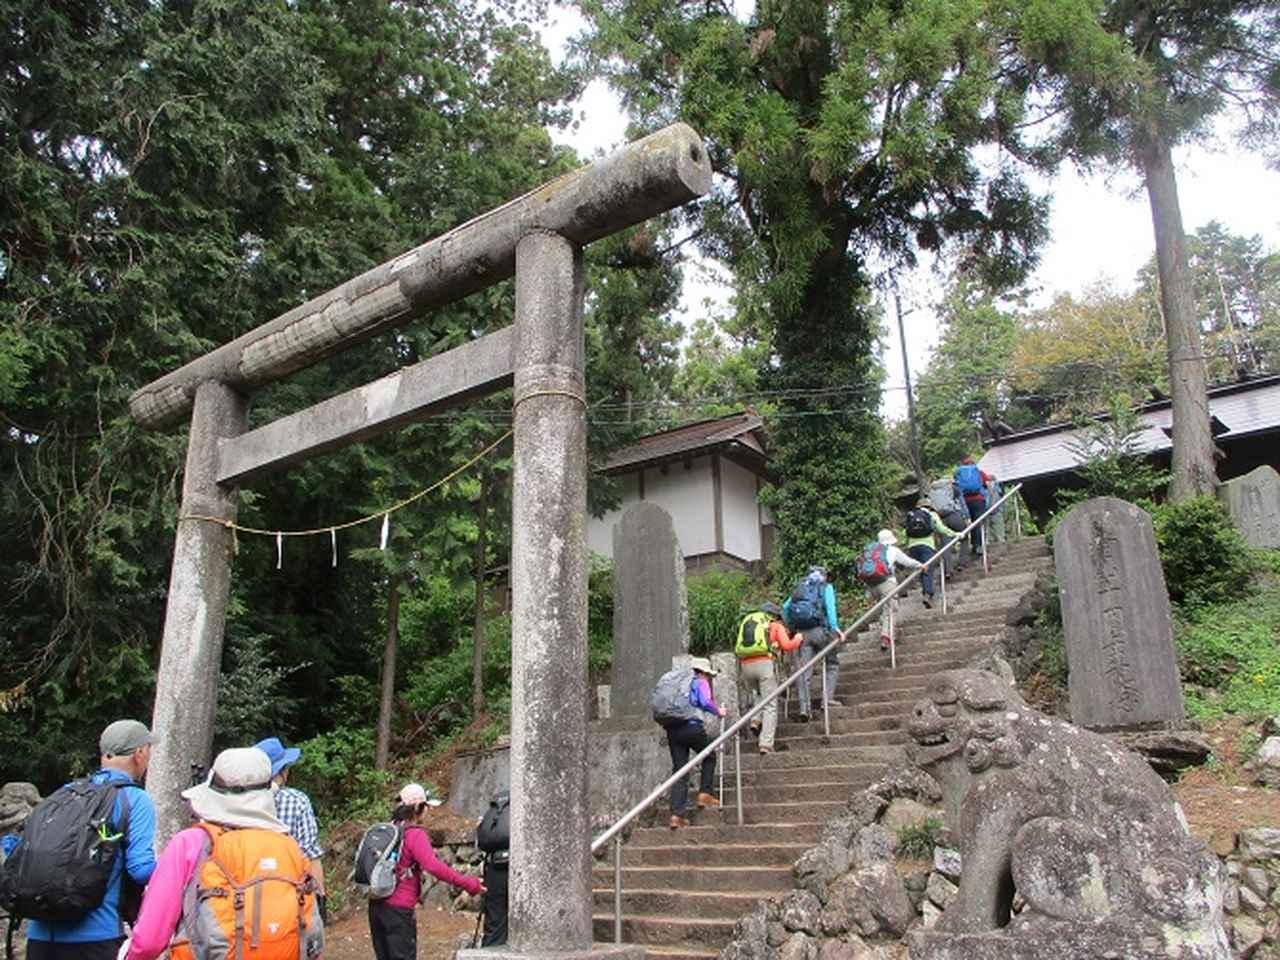 画像11: 5月4日に岡田ガイドのツアーで埼玉県の「越上山」へ行って来ました♪